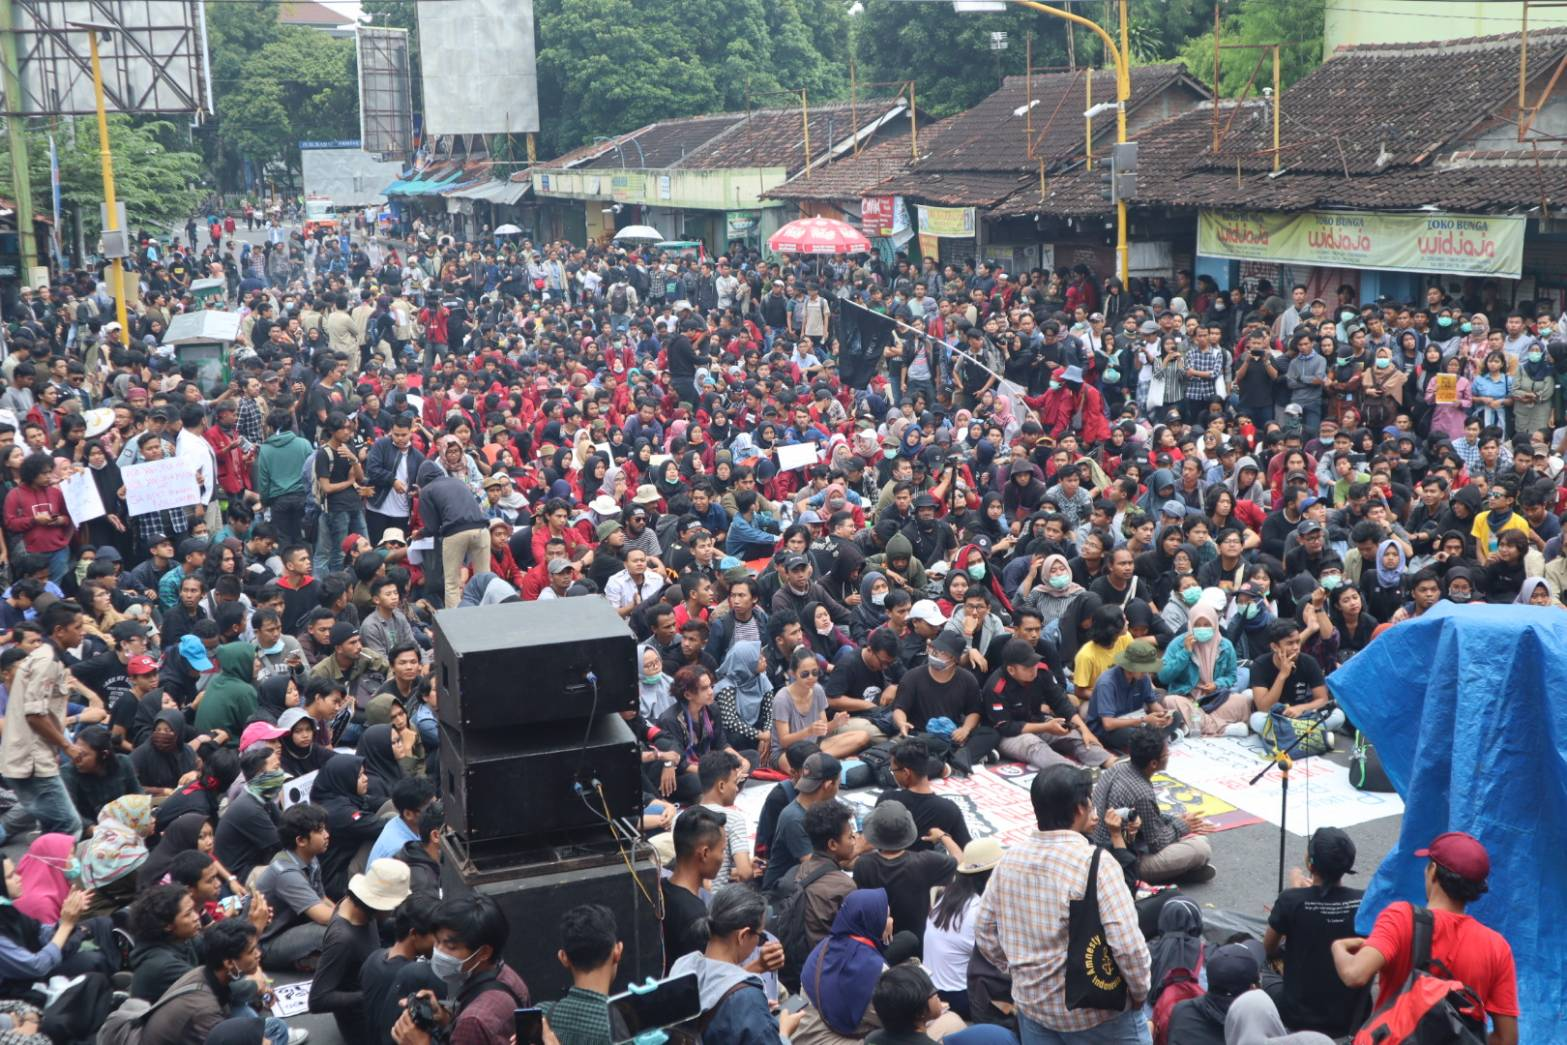 Rapat Parlemen Jalanan: Suara Buruh  dalam Jeratan RUU Omnibus Law